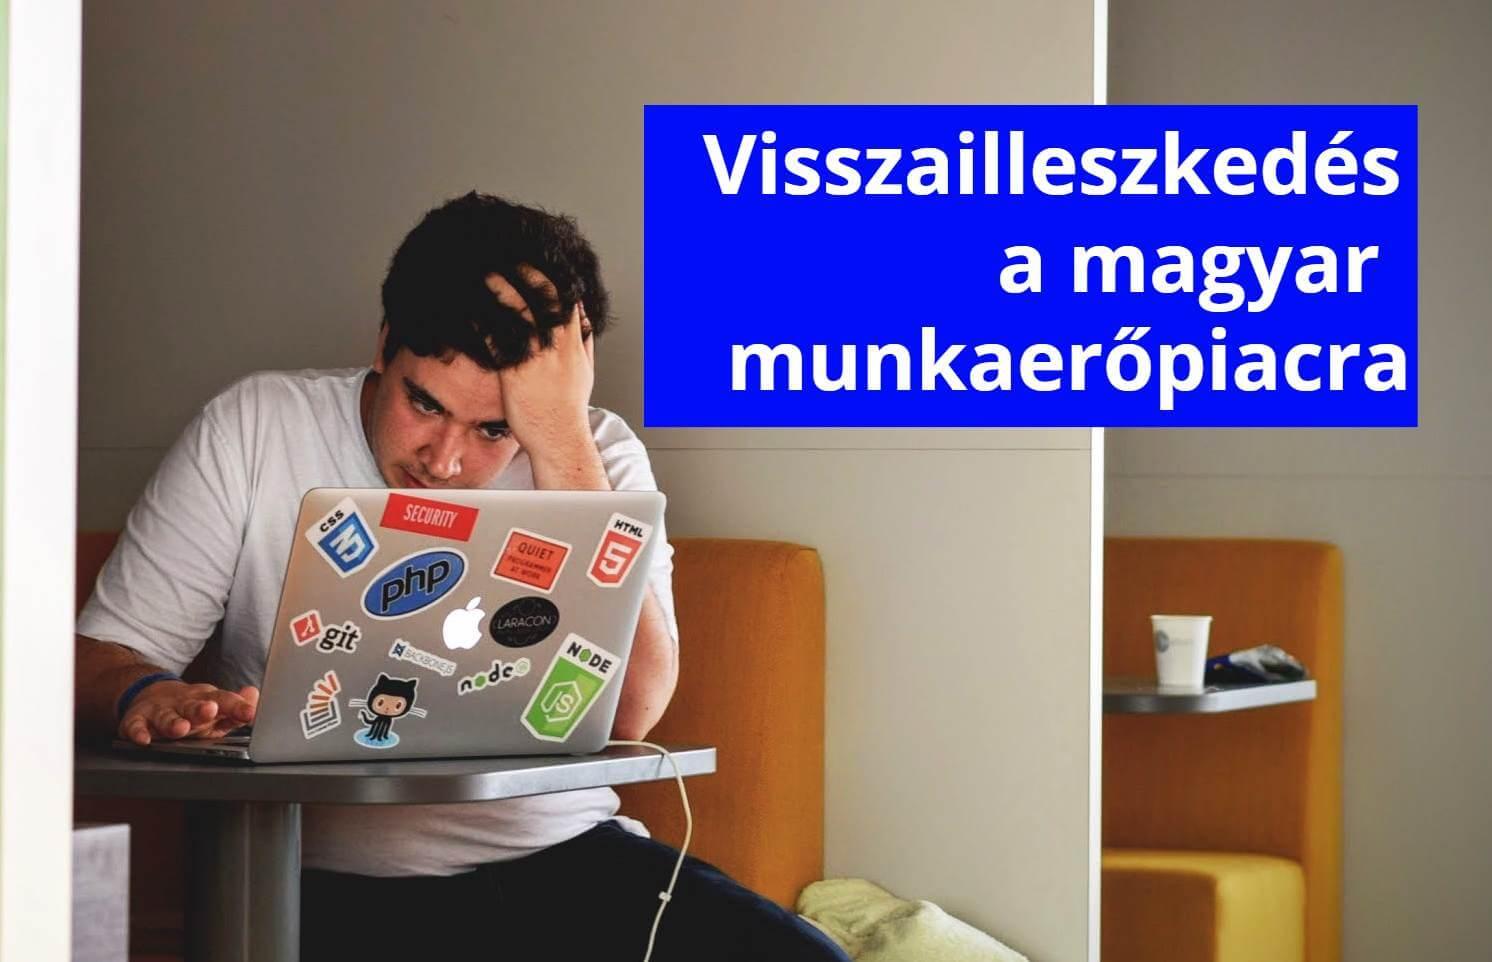 Visszailleszkedés a magyar munkaerőpiacra